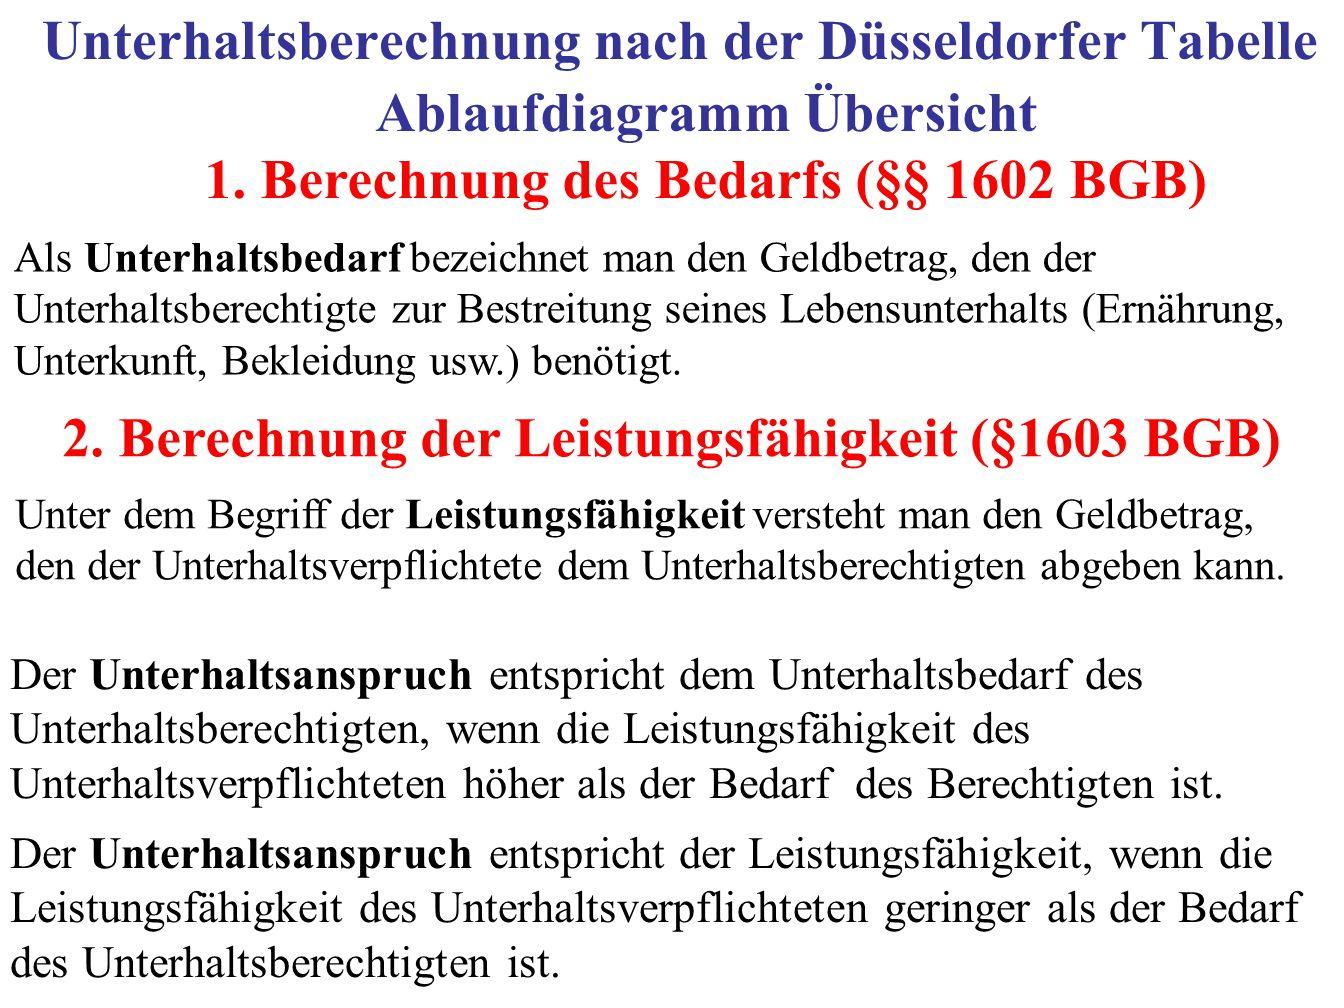 Unterhaltsberechnung nach der Düsseldorfer Tabelle Als Unterhaltsbedarf bezeichnet man den Geldbetrag, den der Unterhaltsberechtigte zur Bestreitung seines Lebensunterhalts (Ernährung, Unterkunft, Bekleidung usw.) benötigt.